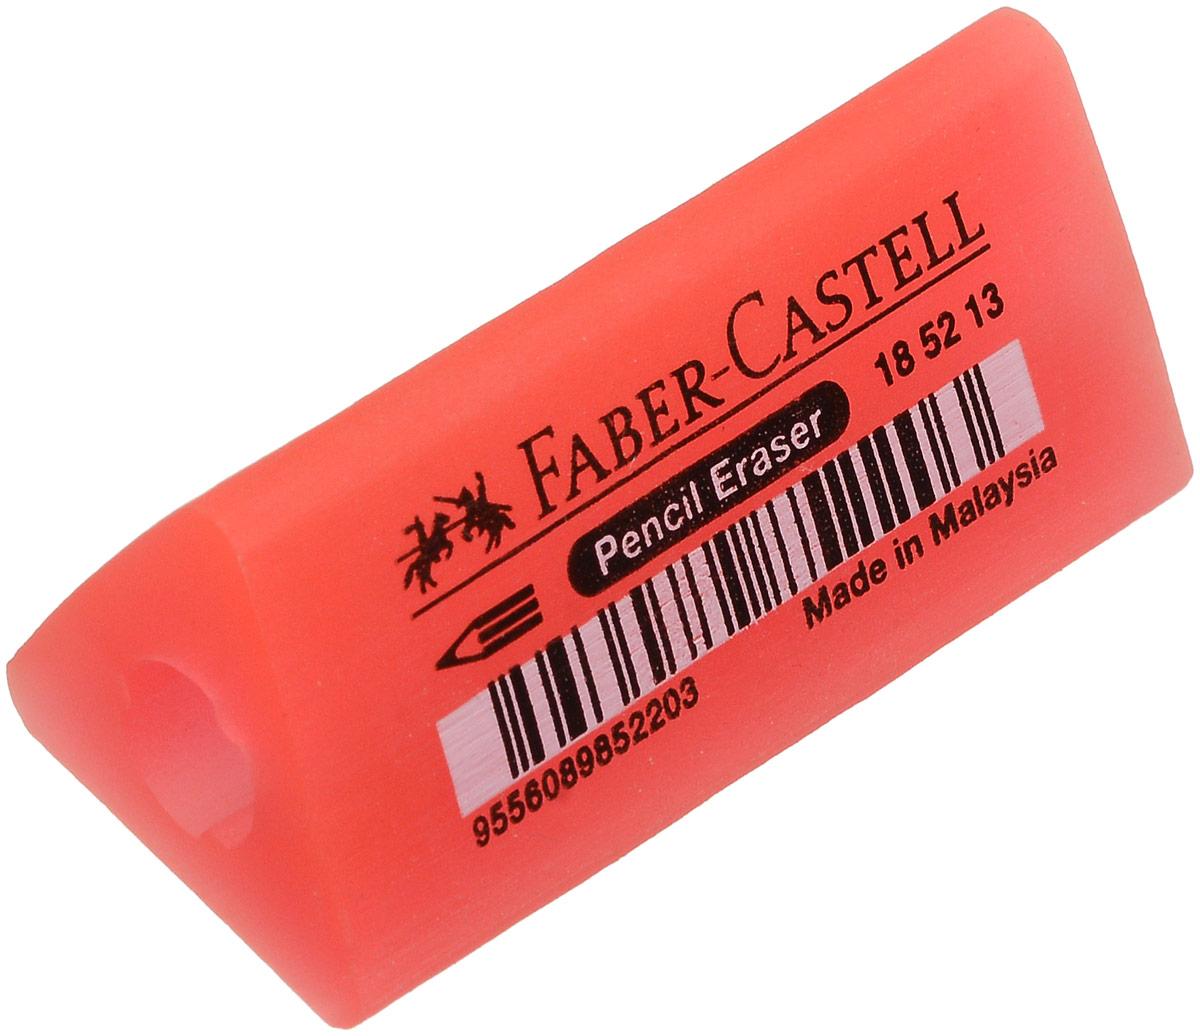 Faber-Castell Ластик-манжетка флуоресцентный цвет красный 185213185213_красный- может быть использован в качестве манжетки- эргономичная трехгранная форма;- флуоресцентный цвет;- не содержит ПВХ.